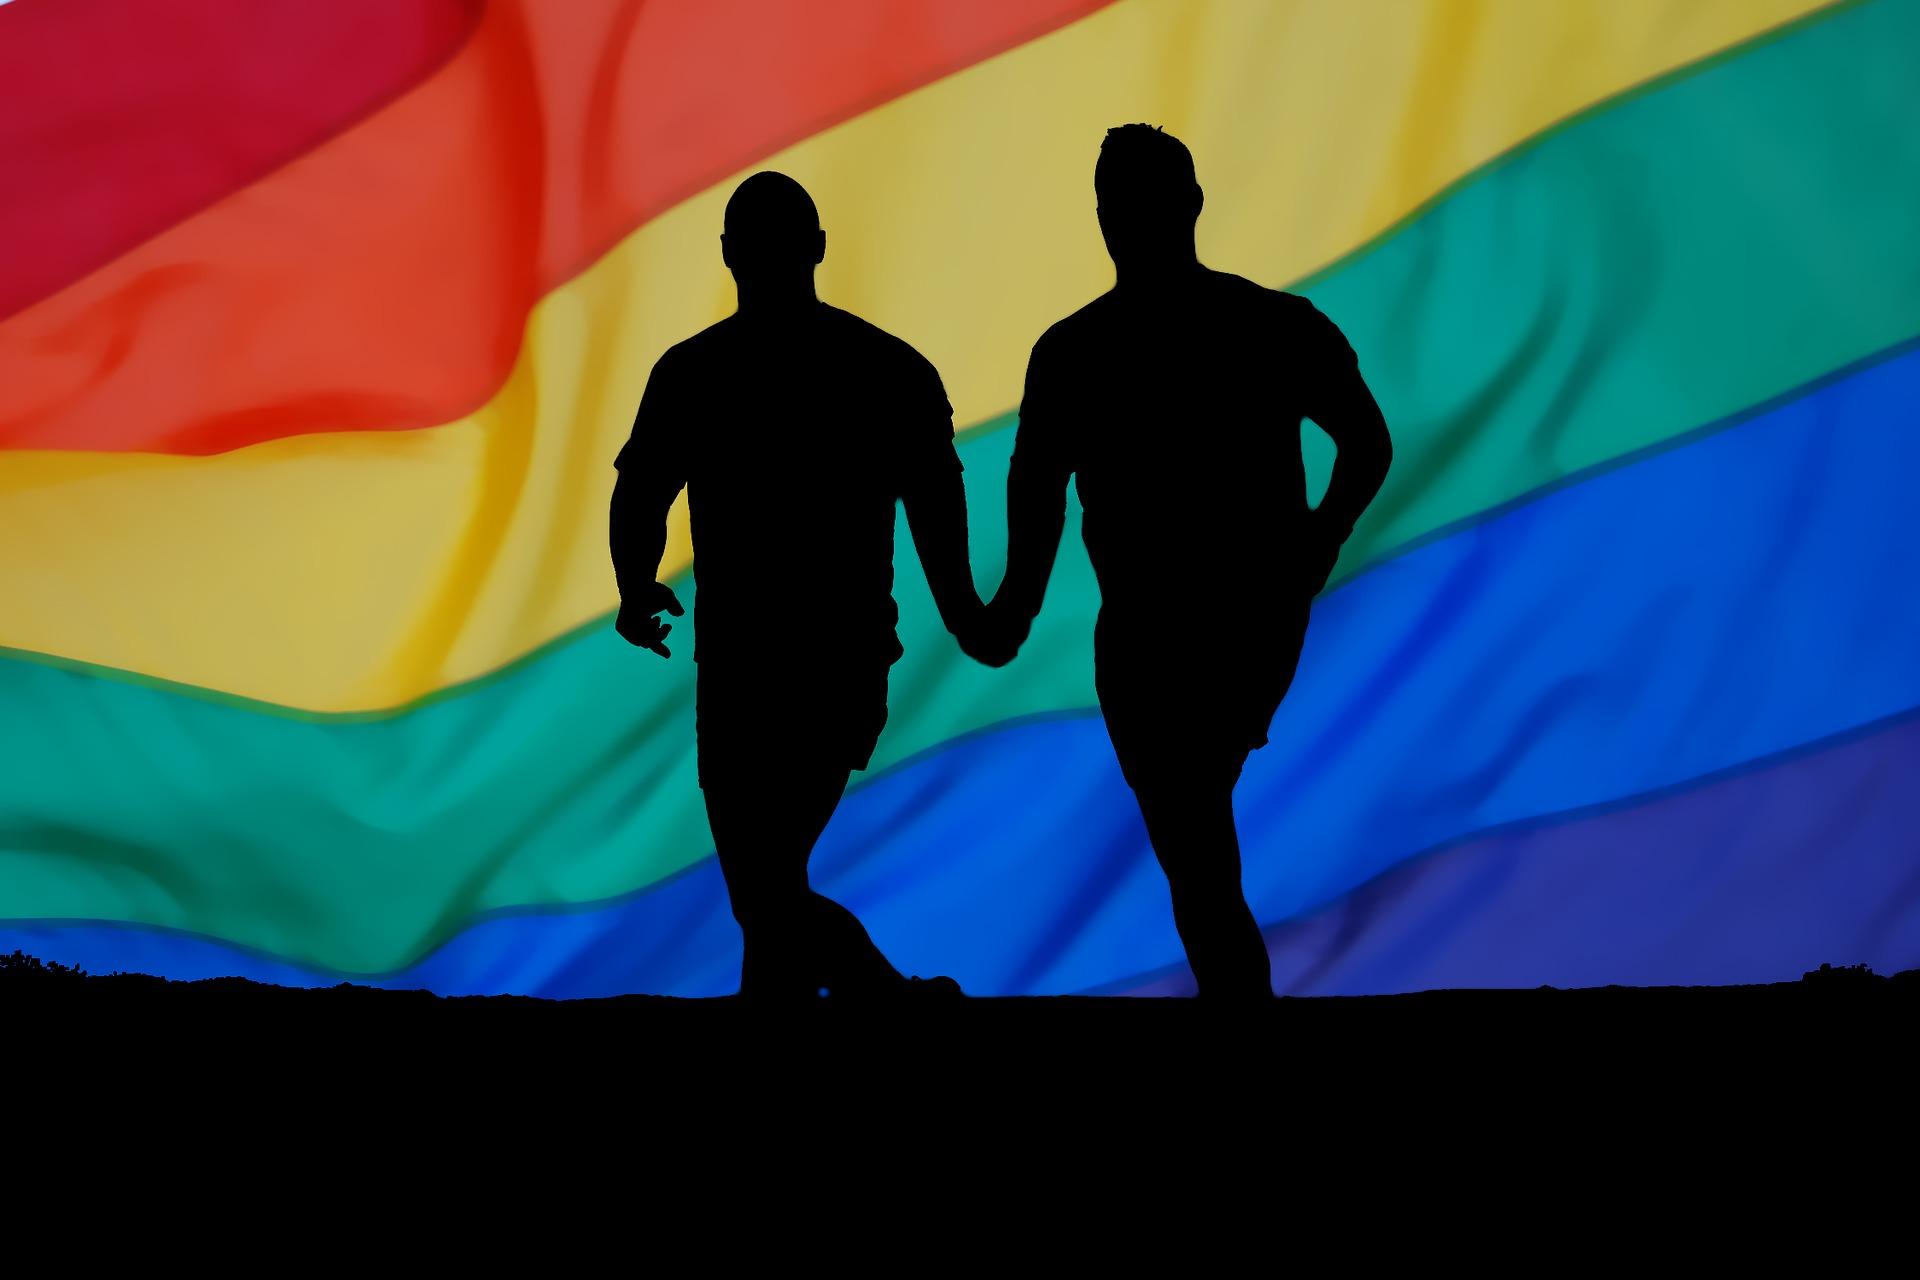 Come conoscere ragazzi gay: 6 modi semplici per conoscere gay online e offline 17